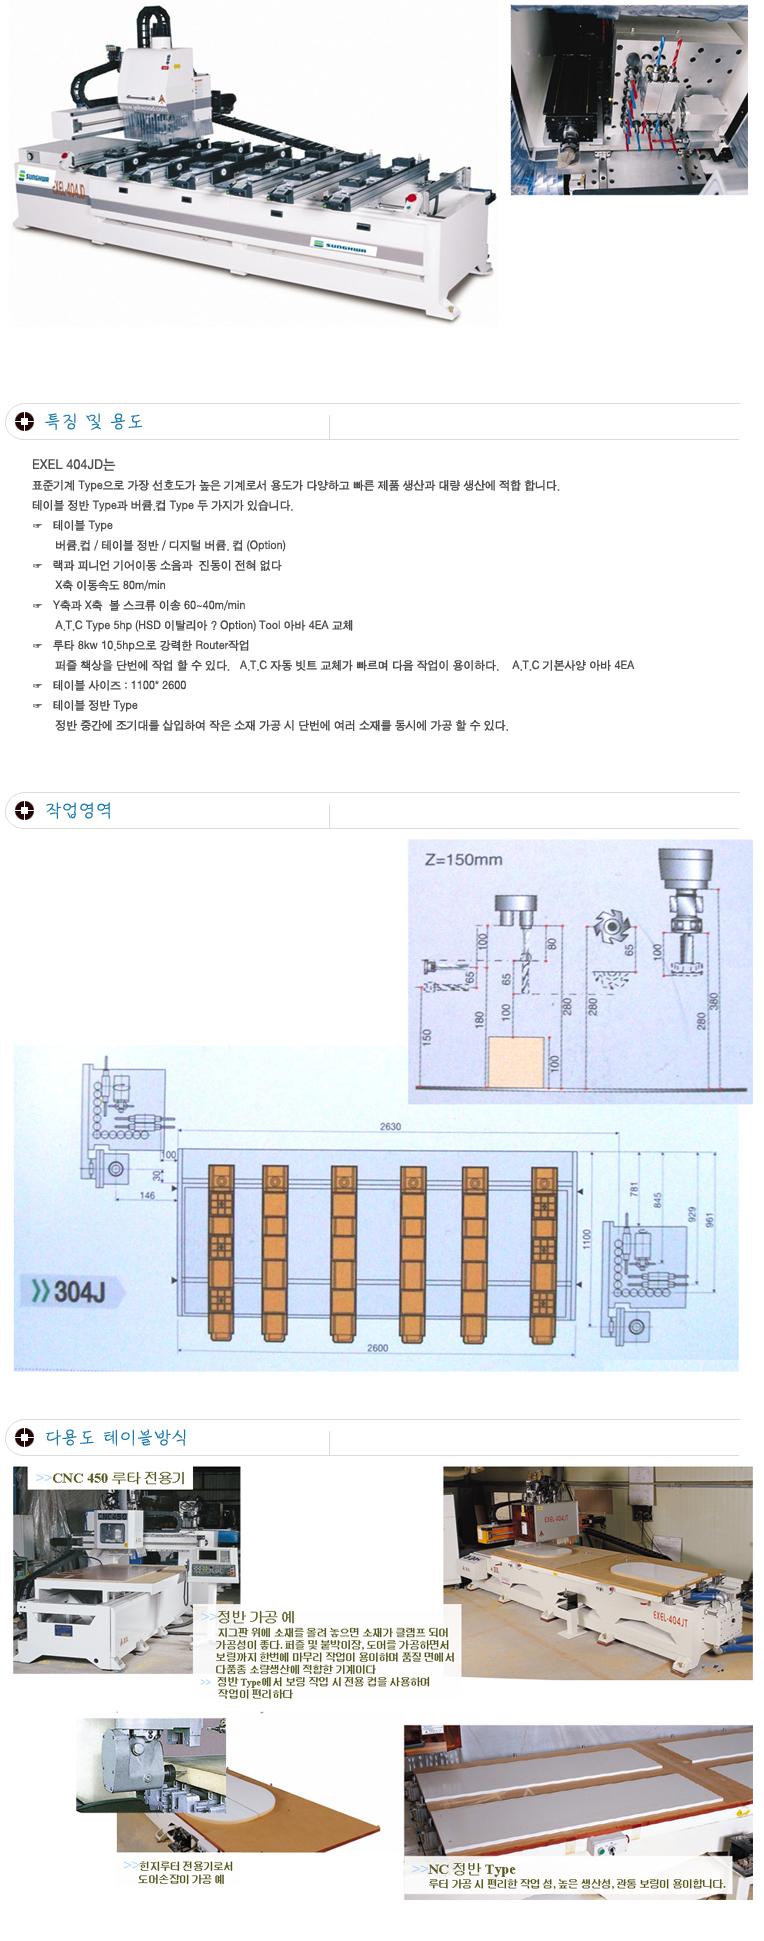 (주)성화우드라인 포인트보링기 EXEL-404JD